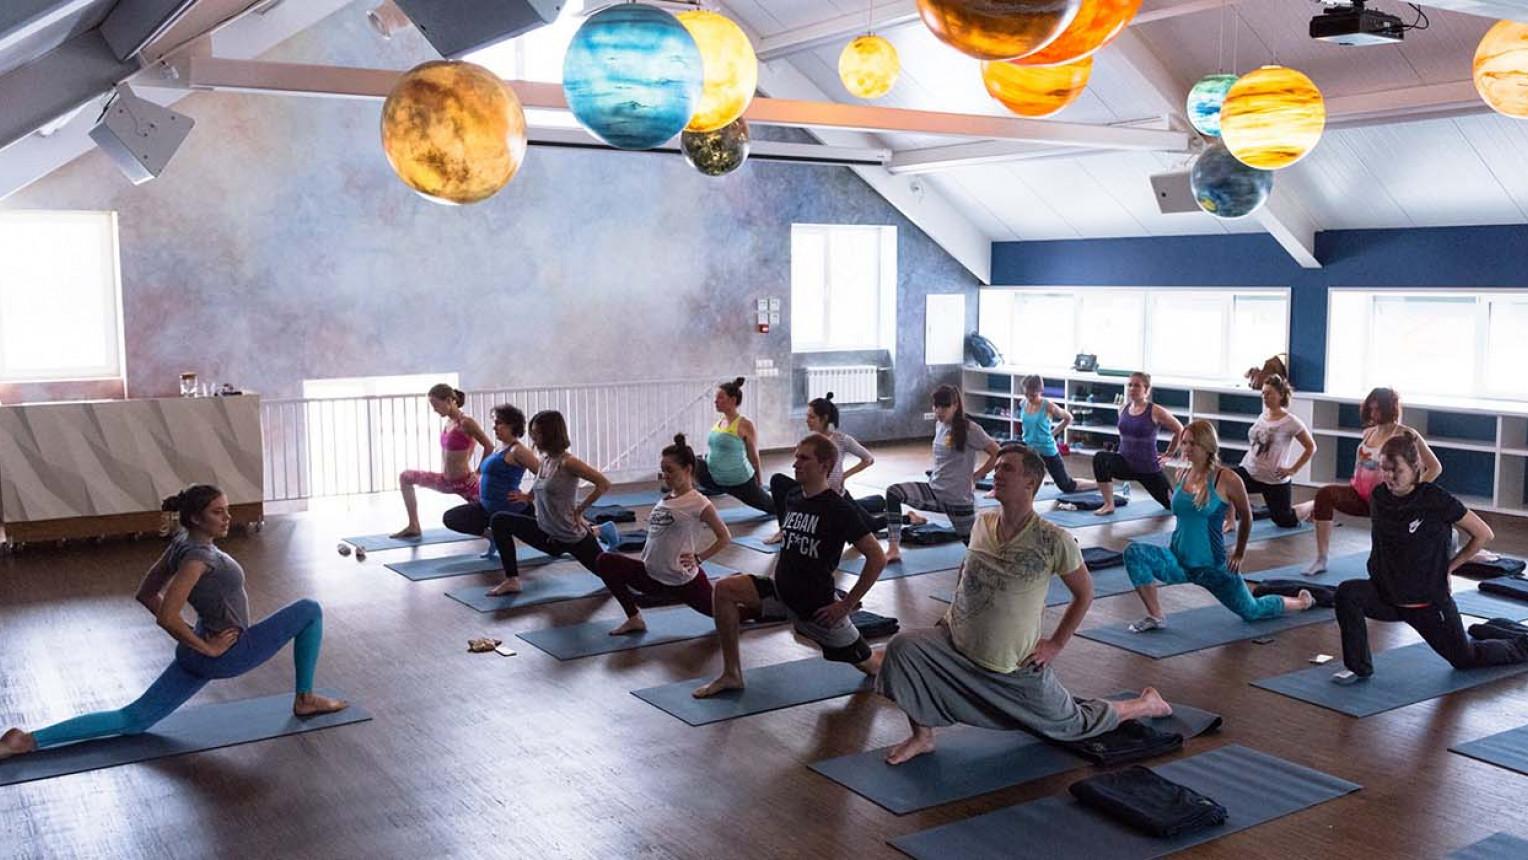 Просторный зал для йоги и танцев - фото №3